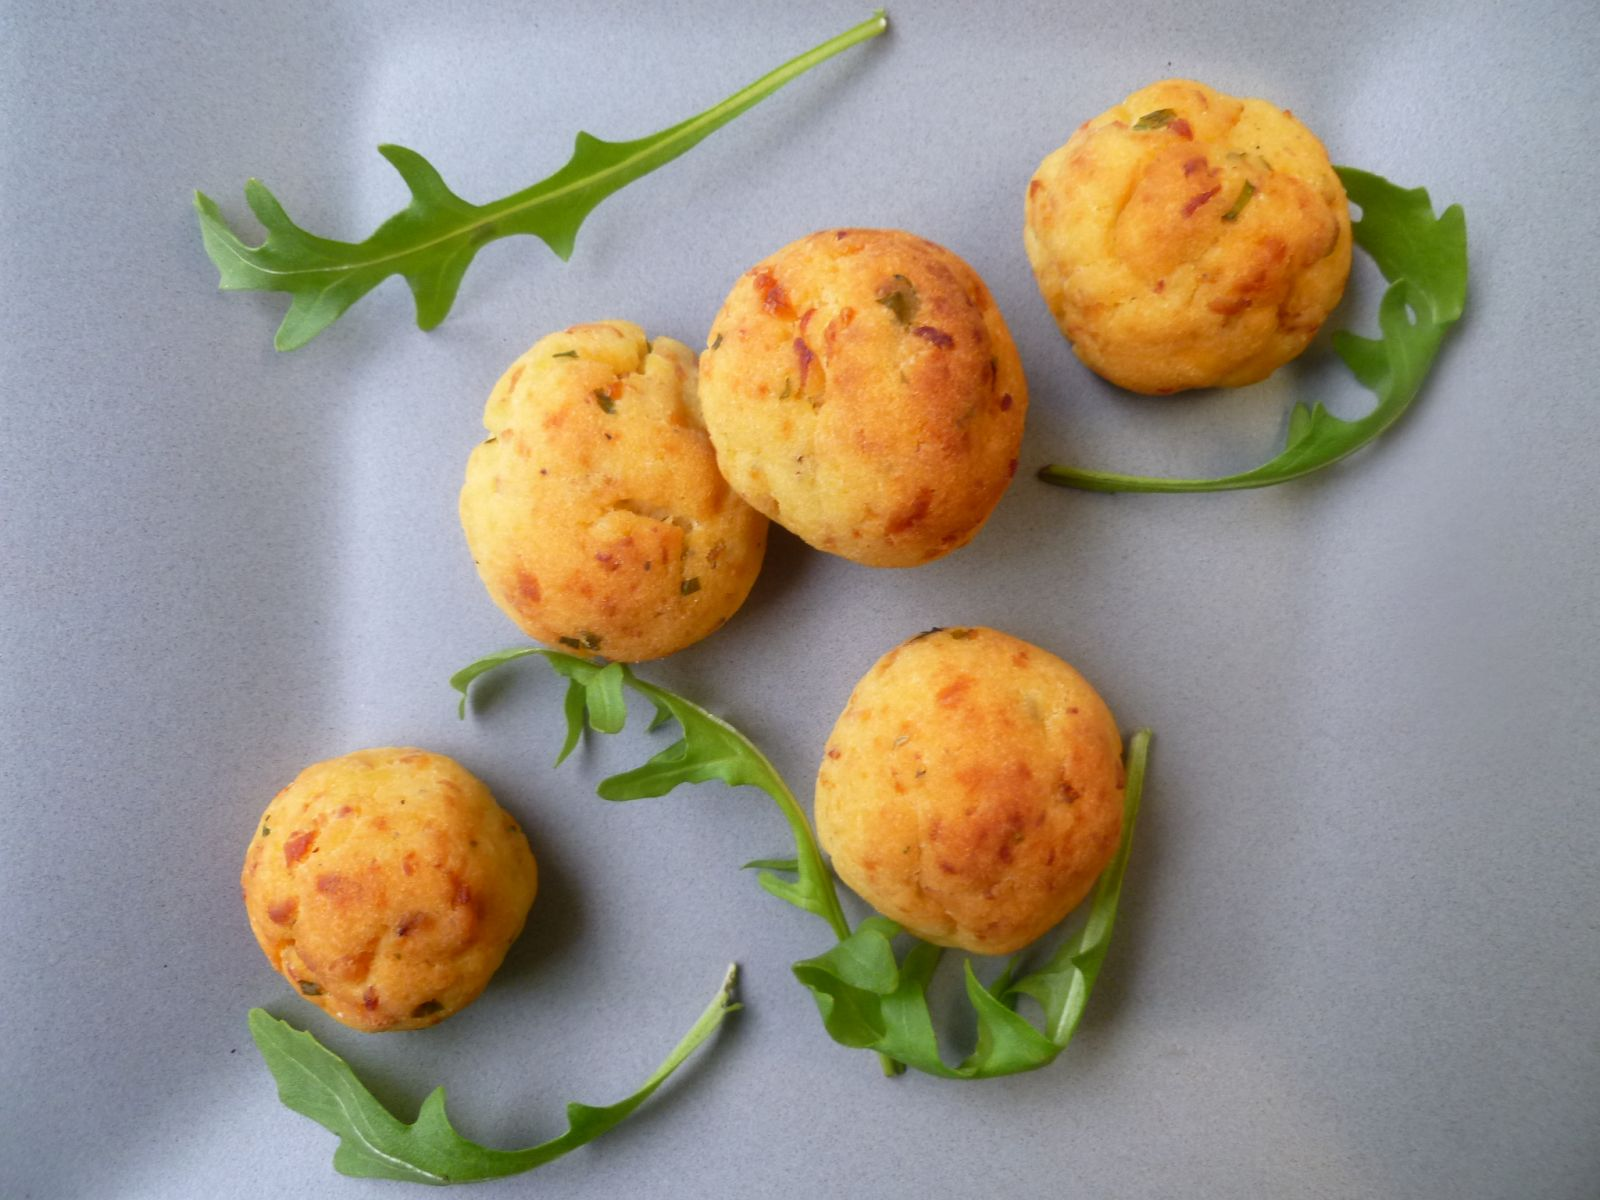 Вкусное меню во время поста: 10 рецептов, которые не дадут голодать в Великий пост - фото №5